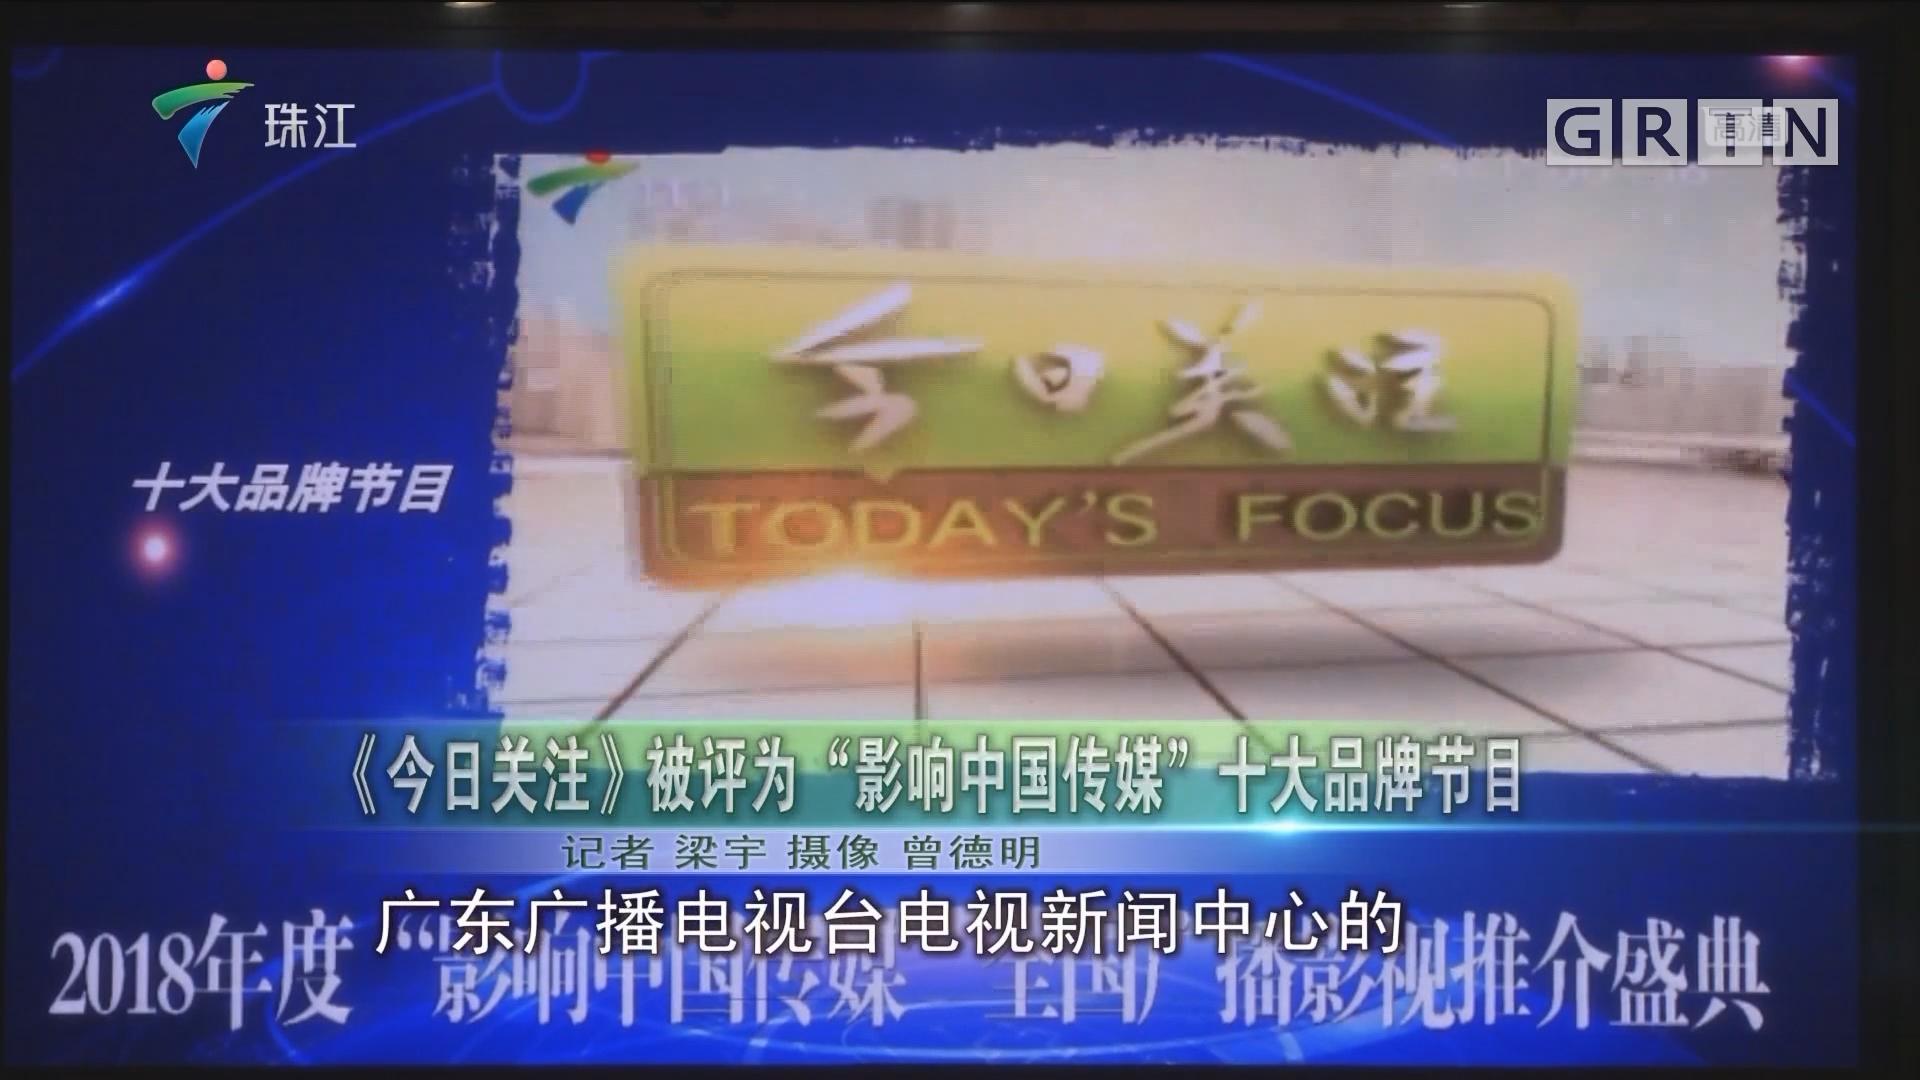 """《今日关注》被评为""""影响中国传媒""""十大品牌节目"""